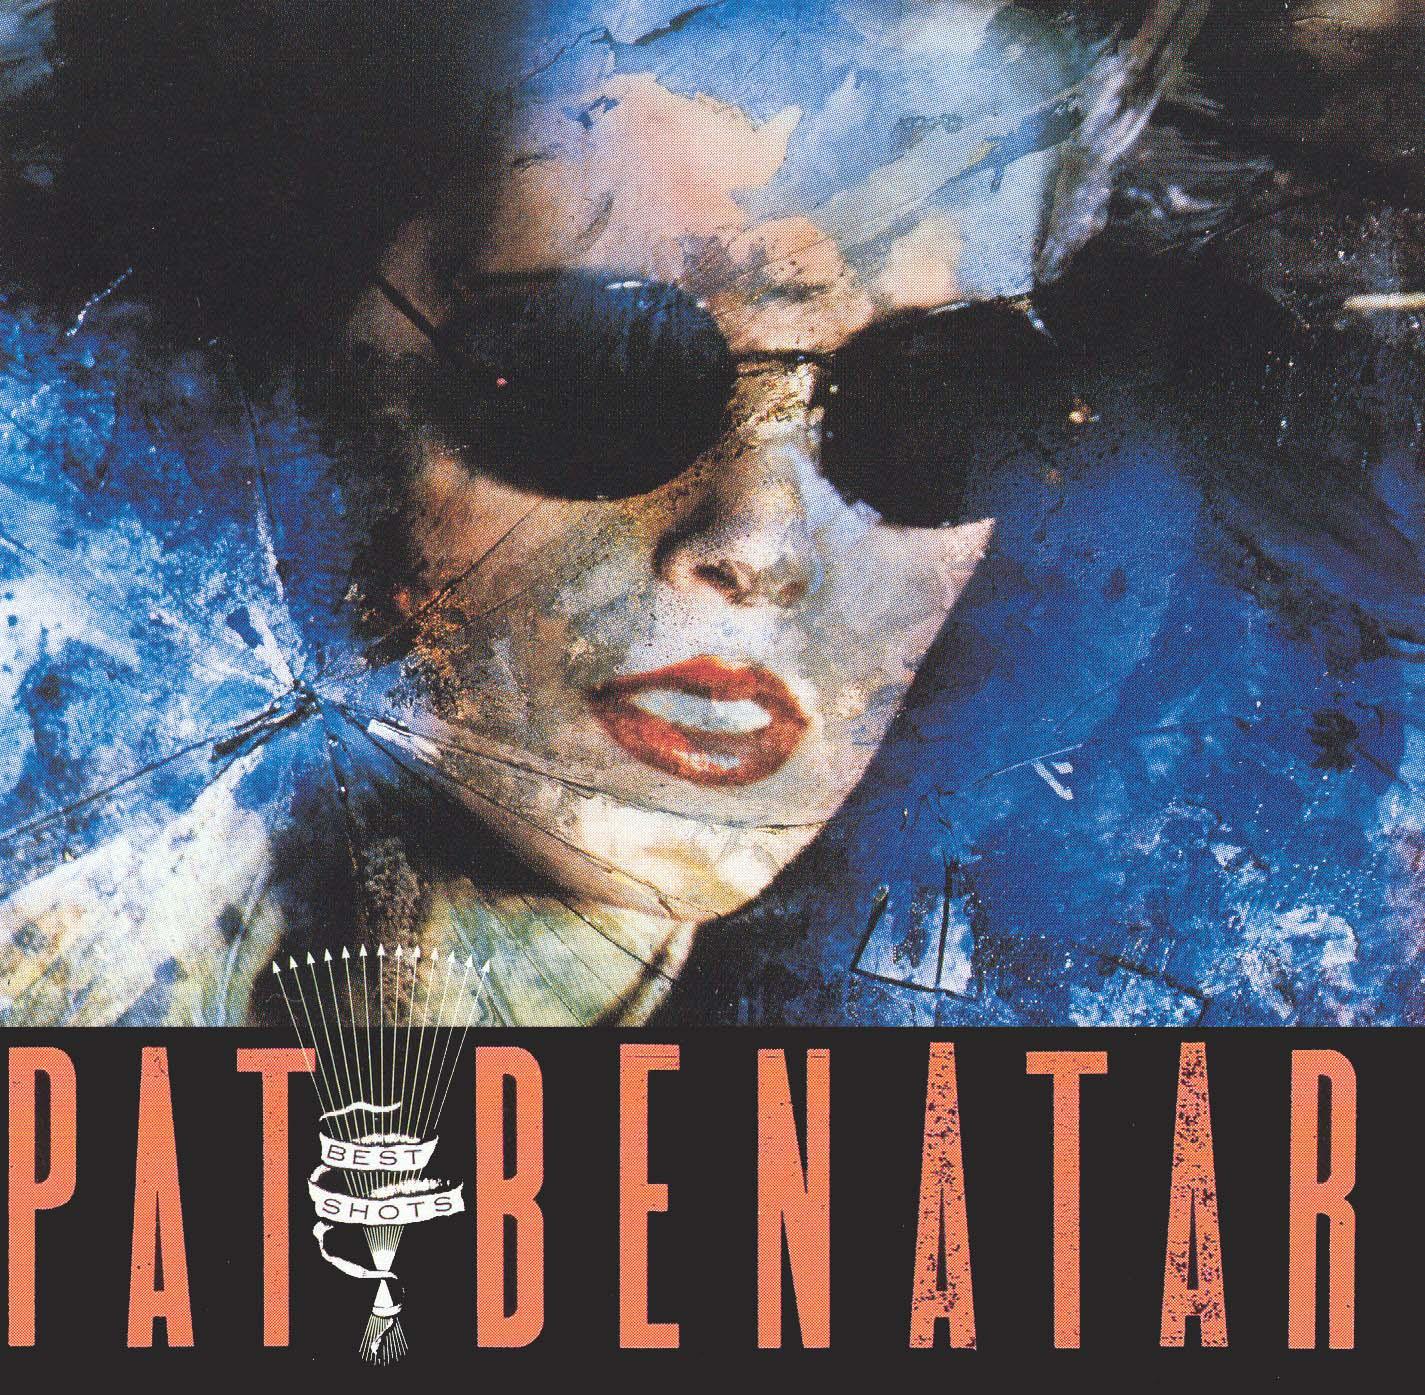 Pat Benatar: Best Shots - The Videos